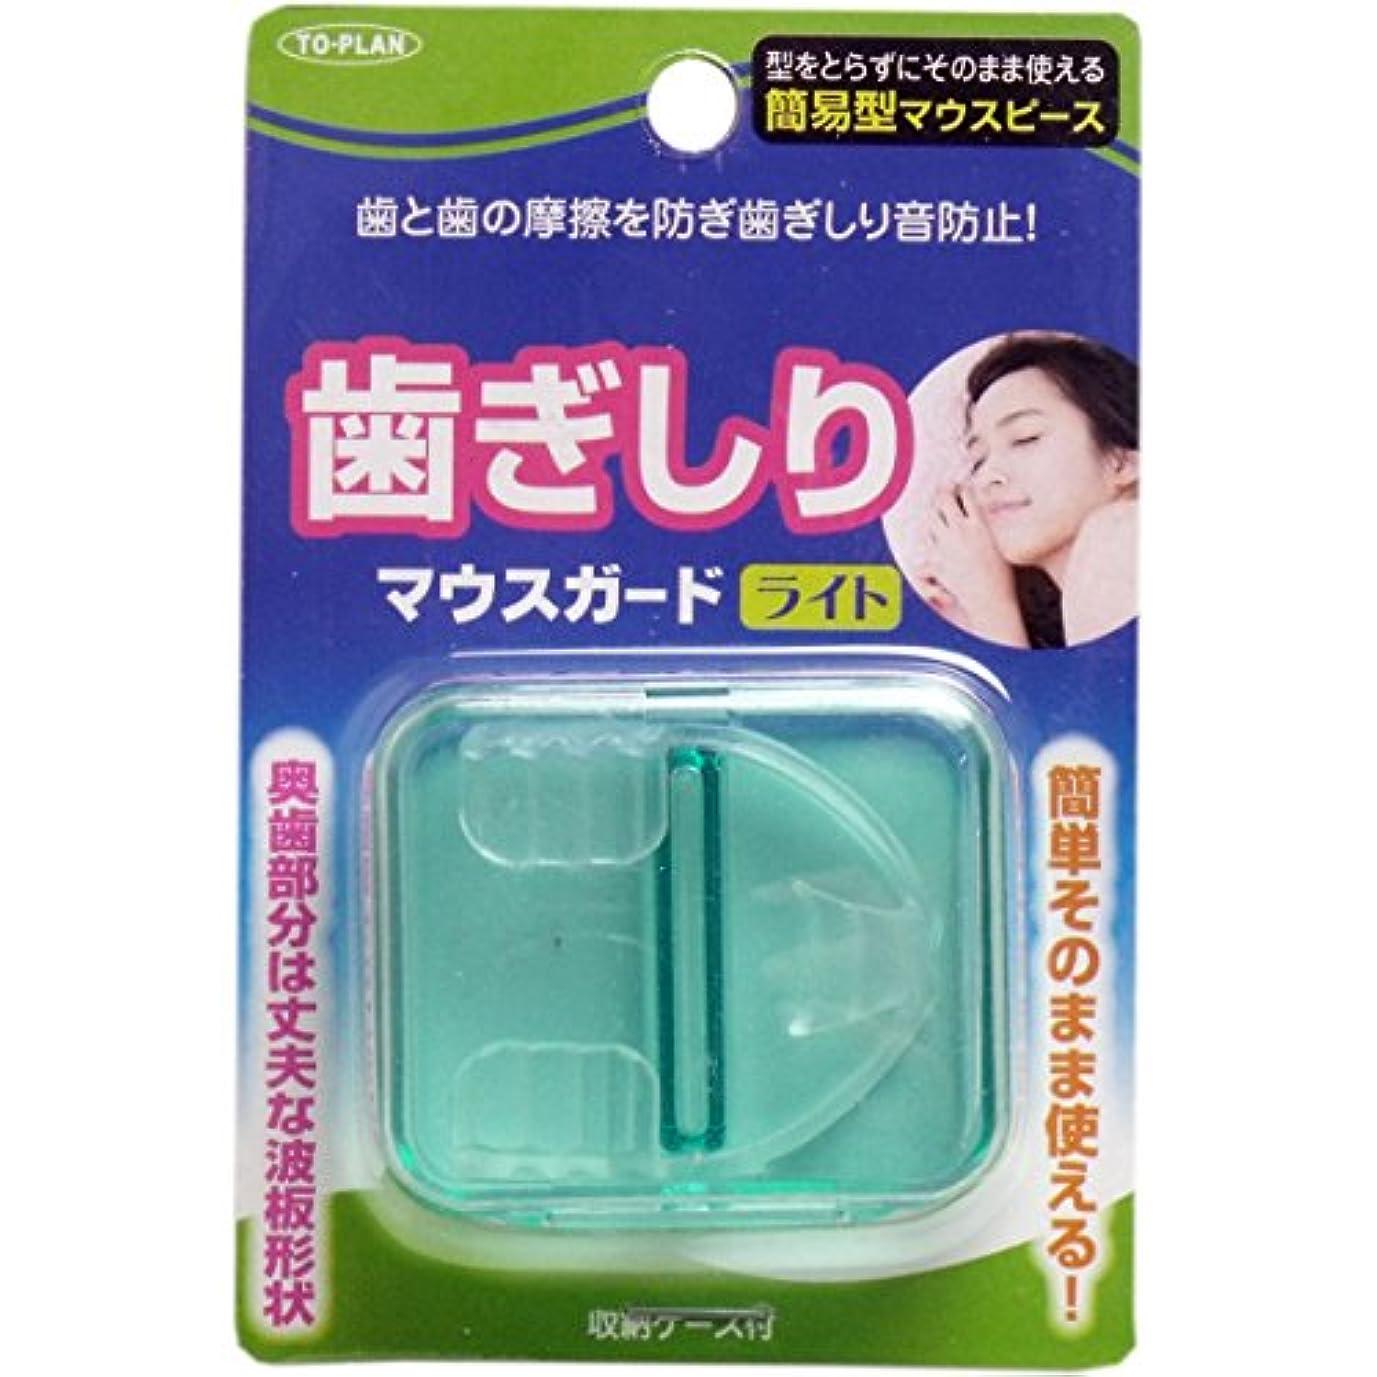 プレゼント小石機会【2個セット】 歯ぎしり マウスガード ライト